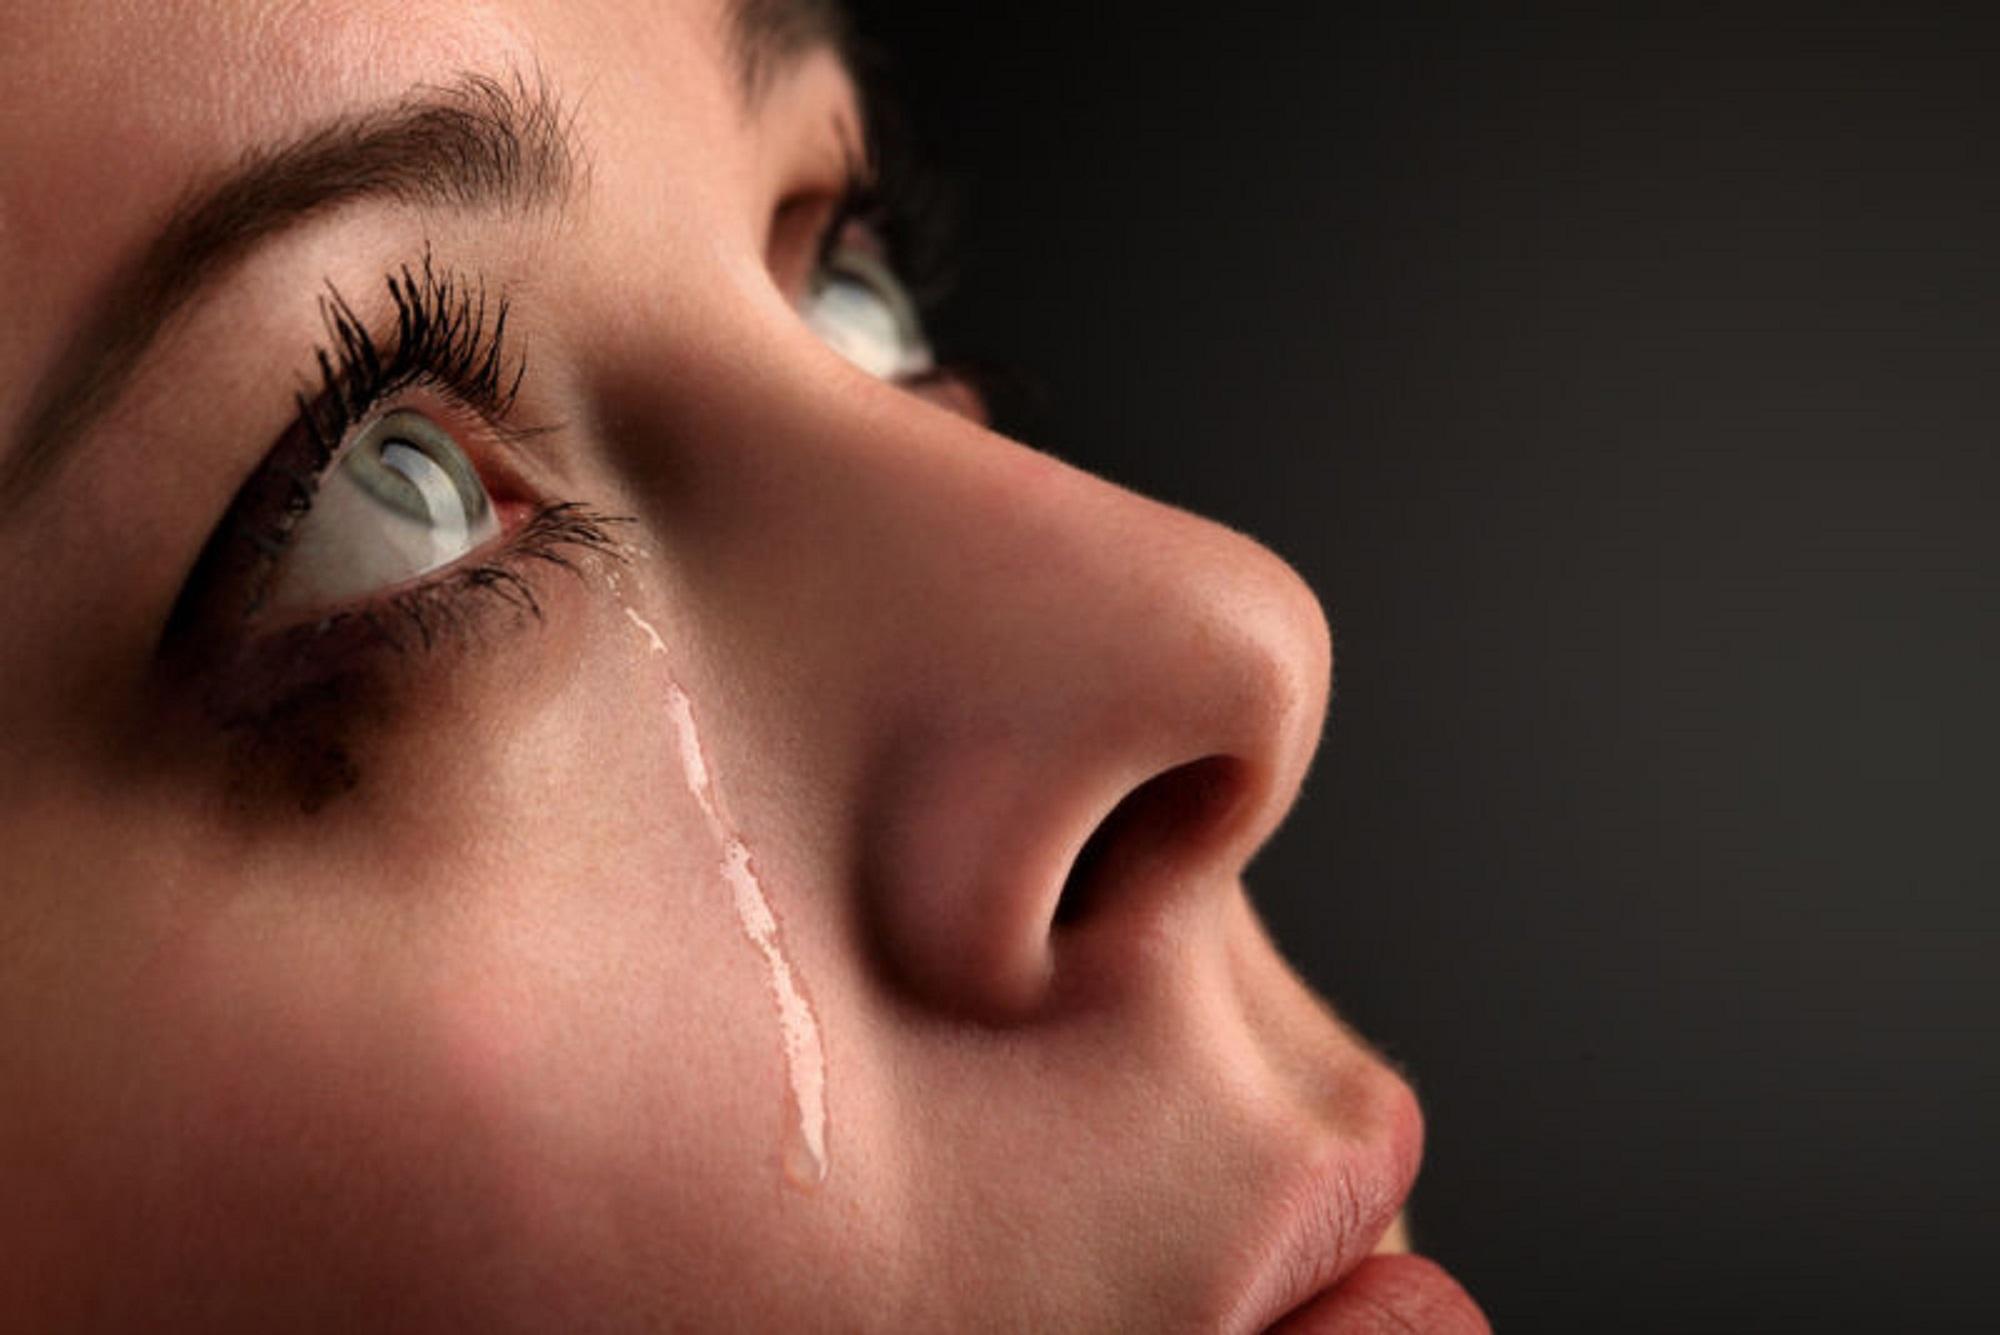 درد و رنج چه تفاوتی با هم دارند؟